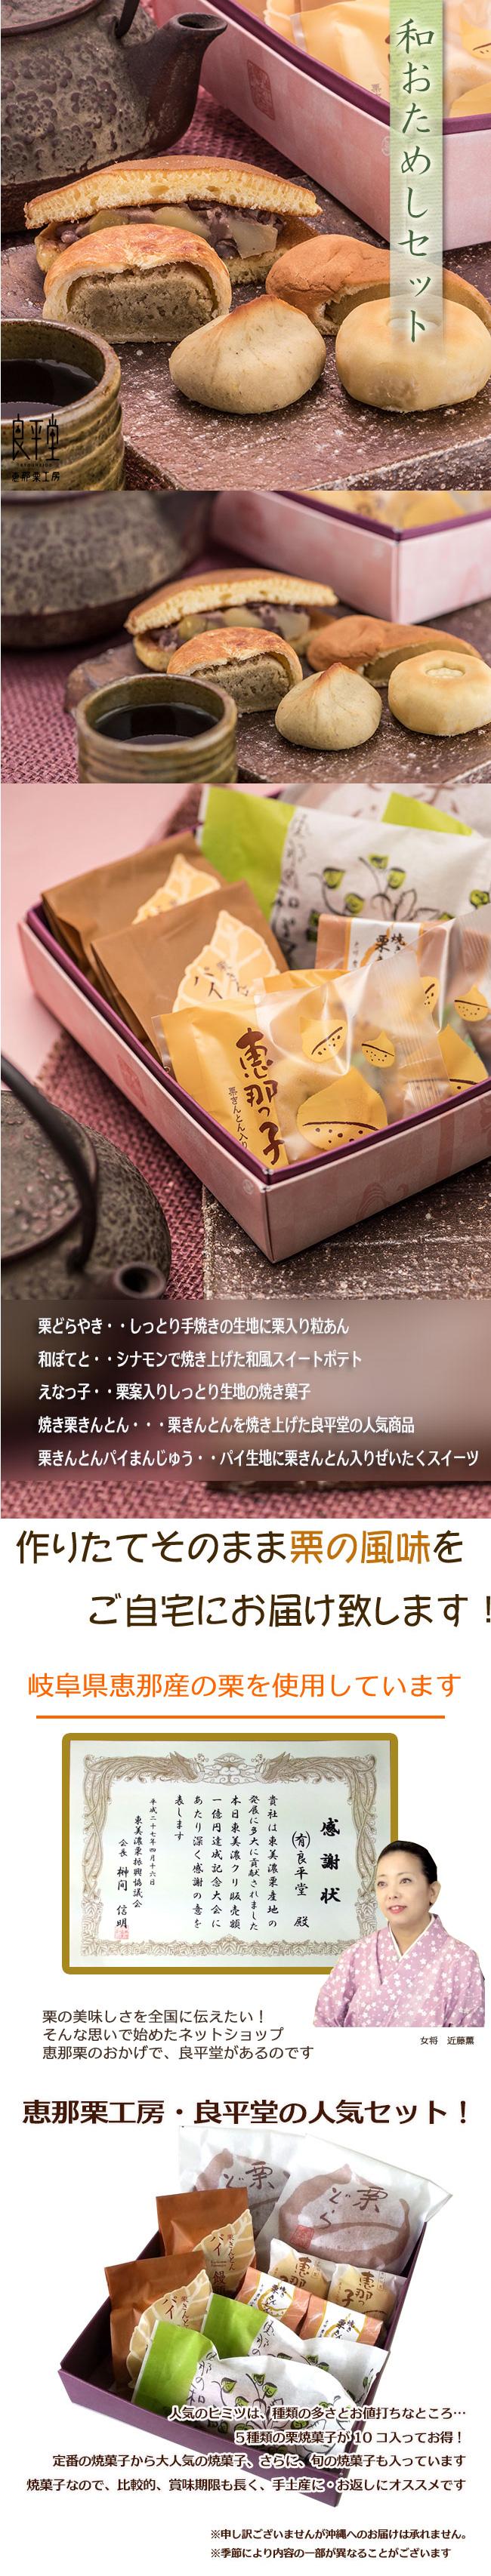 焼き菓子おためしセット